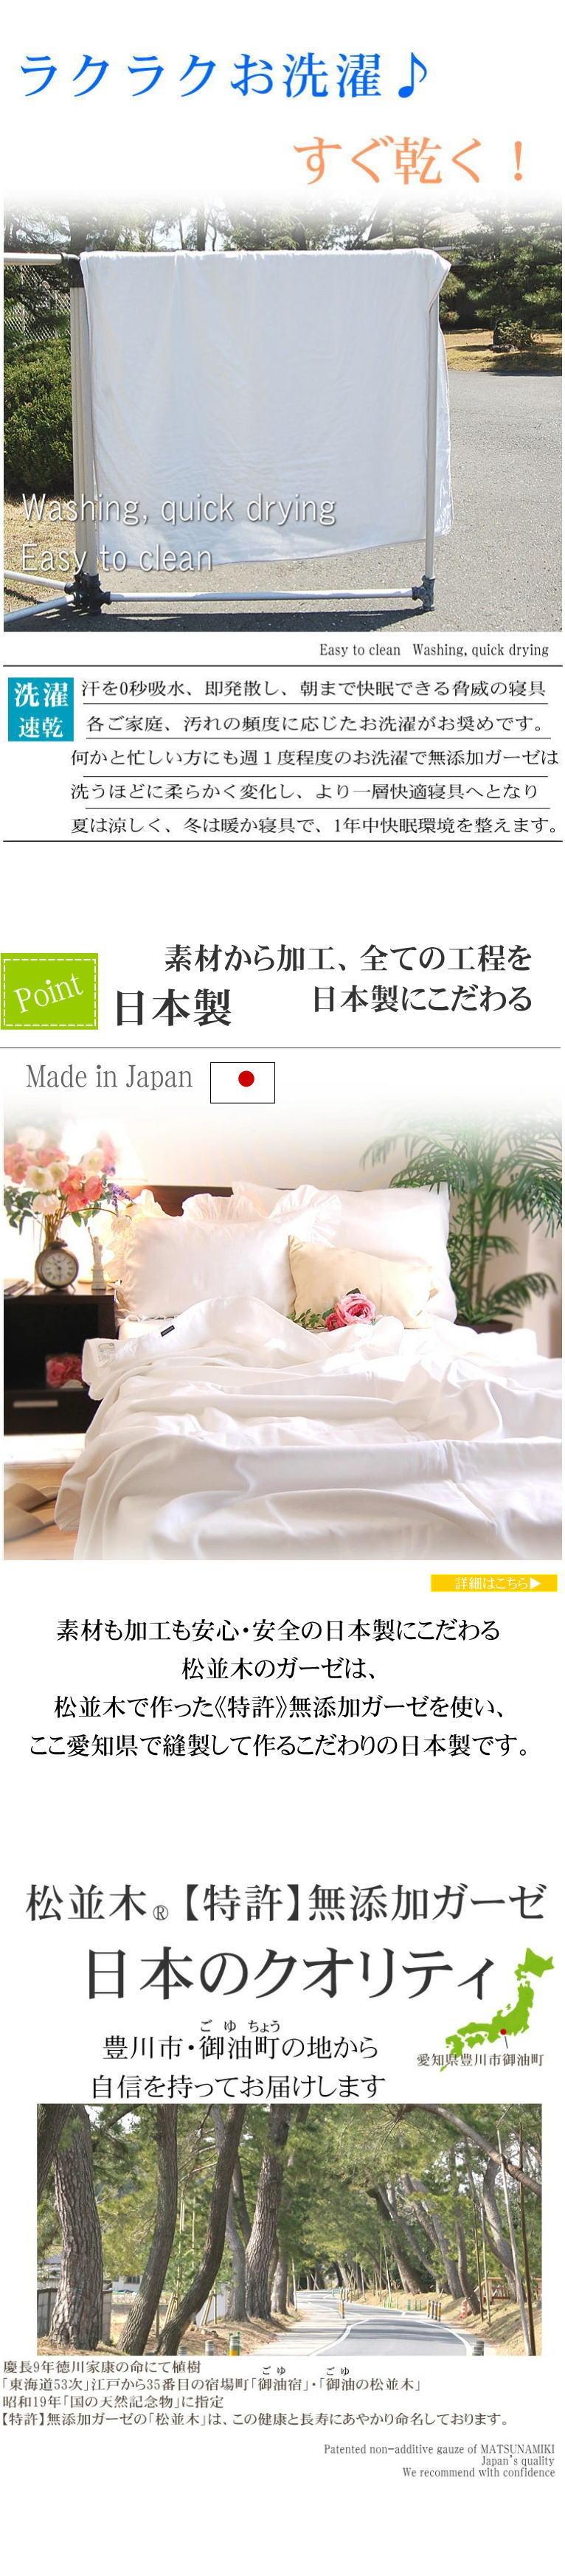 日本製 無添加 ガーゼケット あったか 綿毛布 シングル 綿100% 年中快眠 松並木